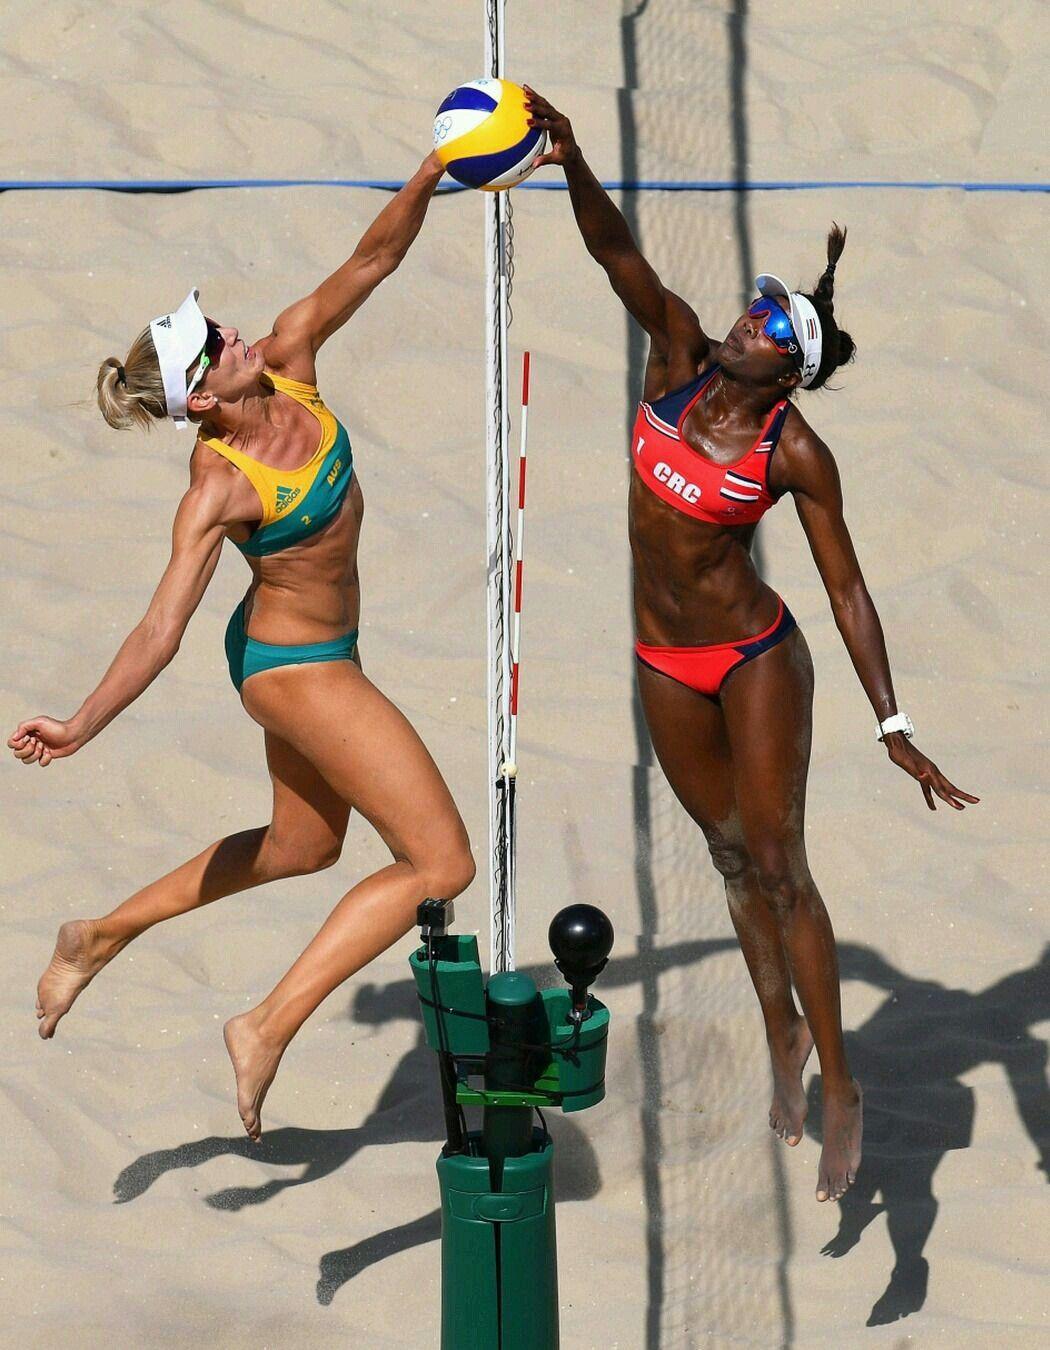 Pin Von Peter Overbeck Auf Volleyball Volleyball Bilder Frauen Volleyball Sportfotografie